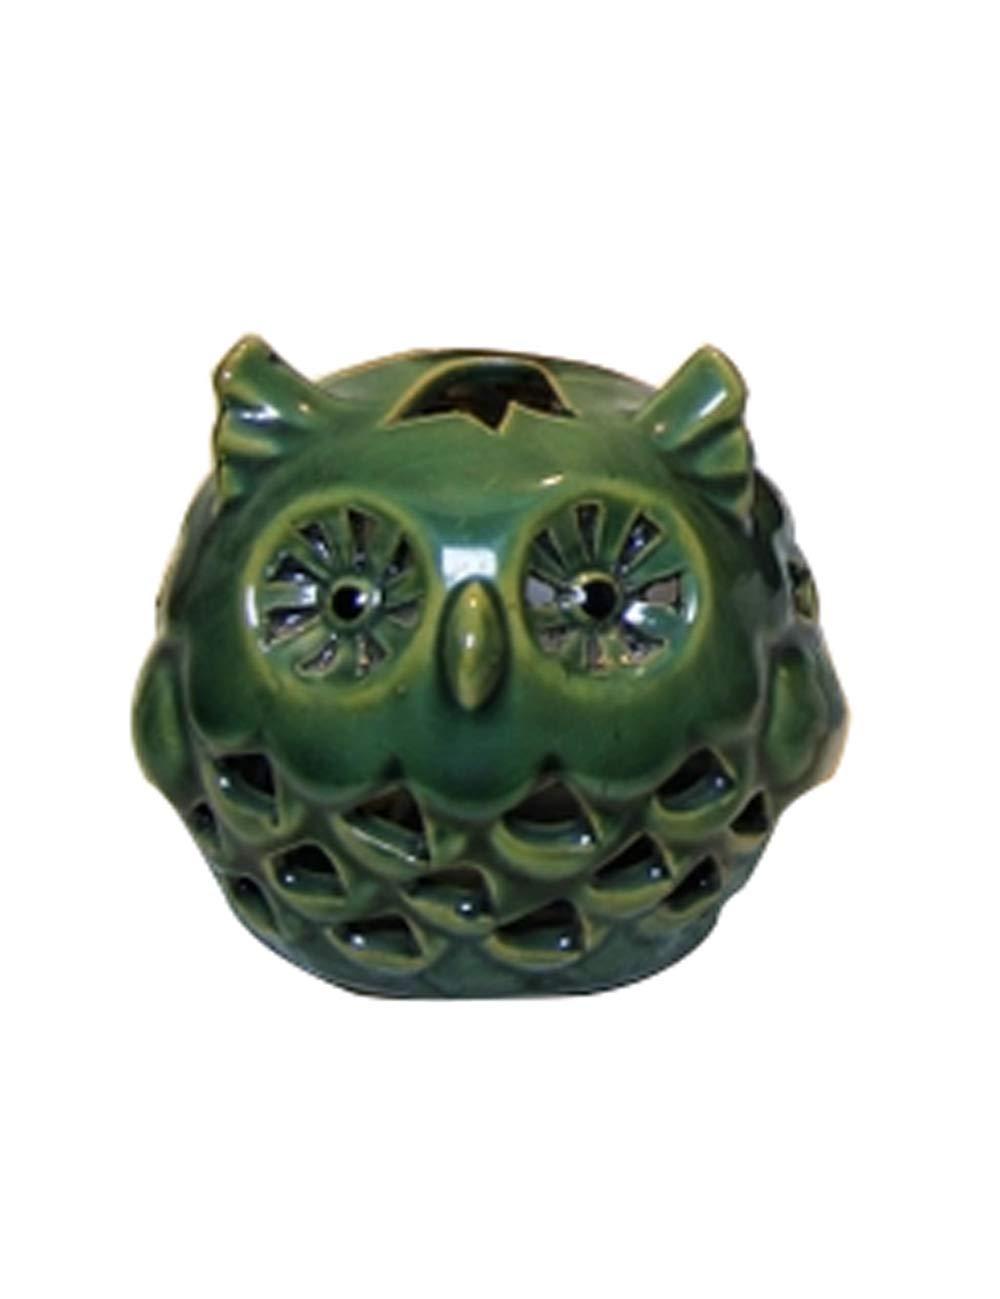 装飾品、セラミック材料のアートワーク、ヨーロッパスタイルの装飾、創造的な動物のフクロウの燭台の工芸品 (色 : Green)  Green B07JNP8VST